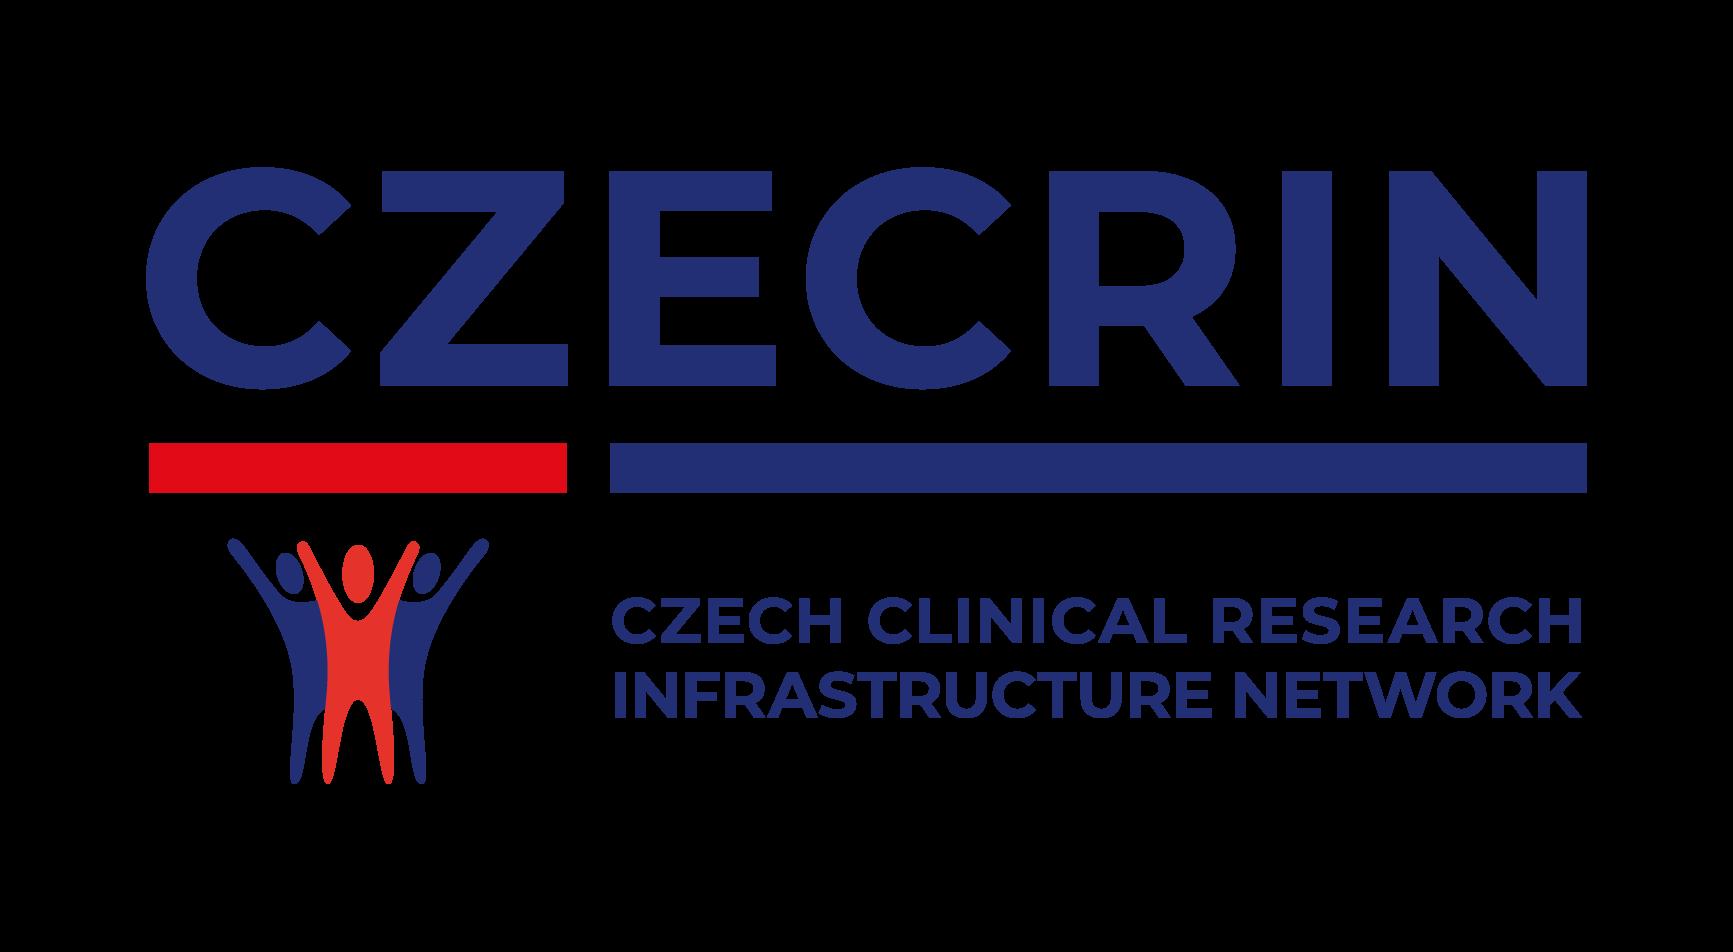 czecrin zakladni logo